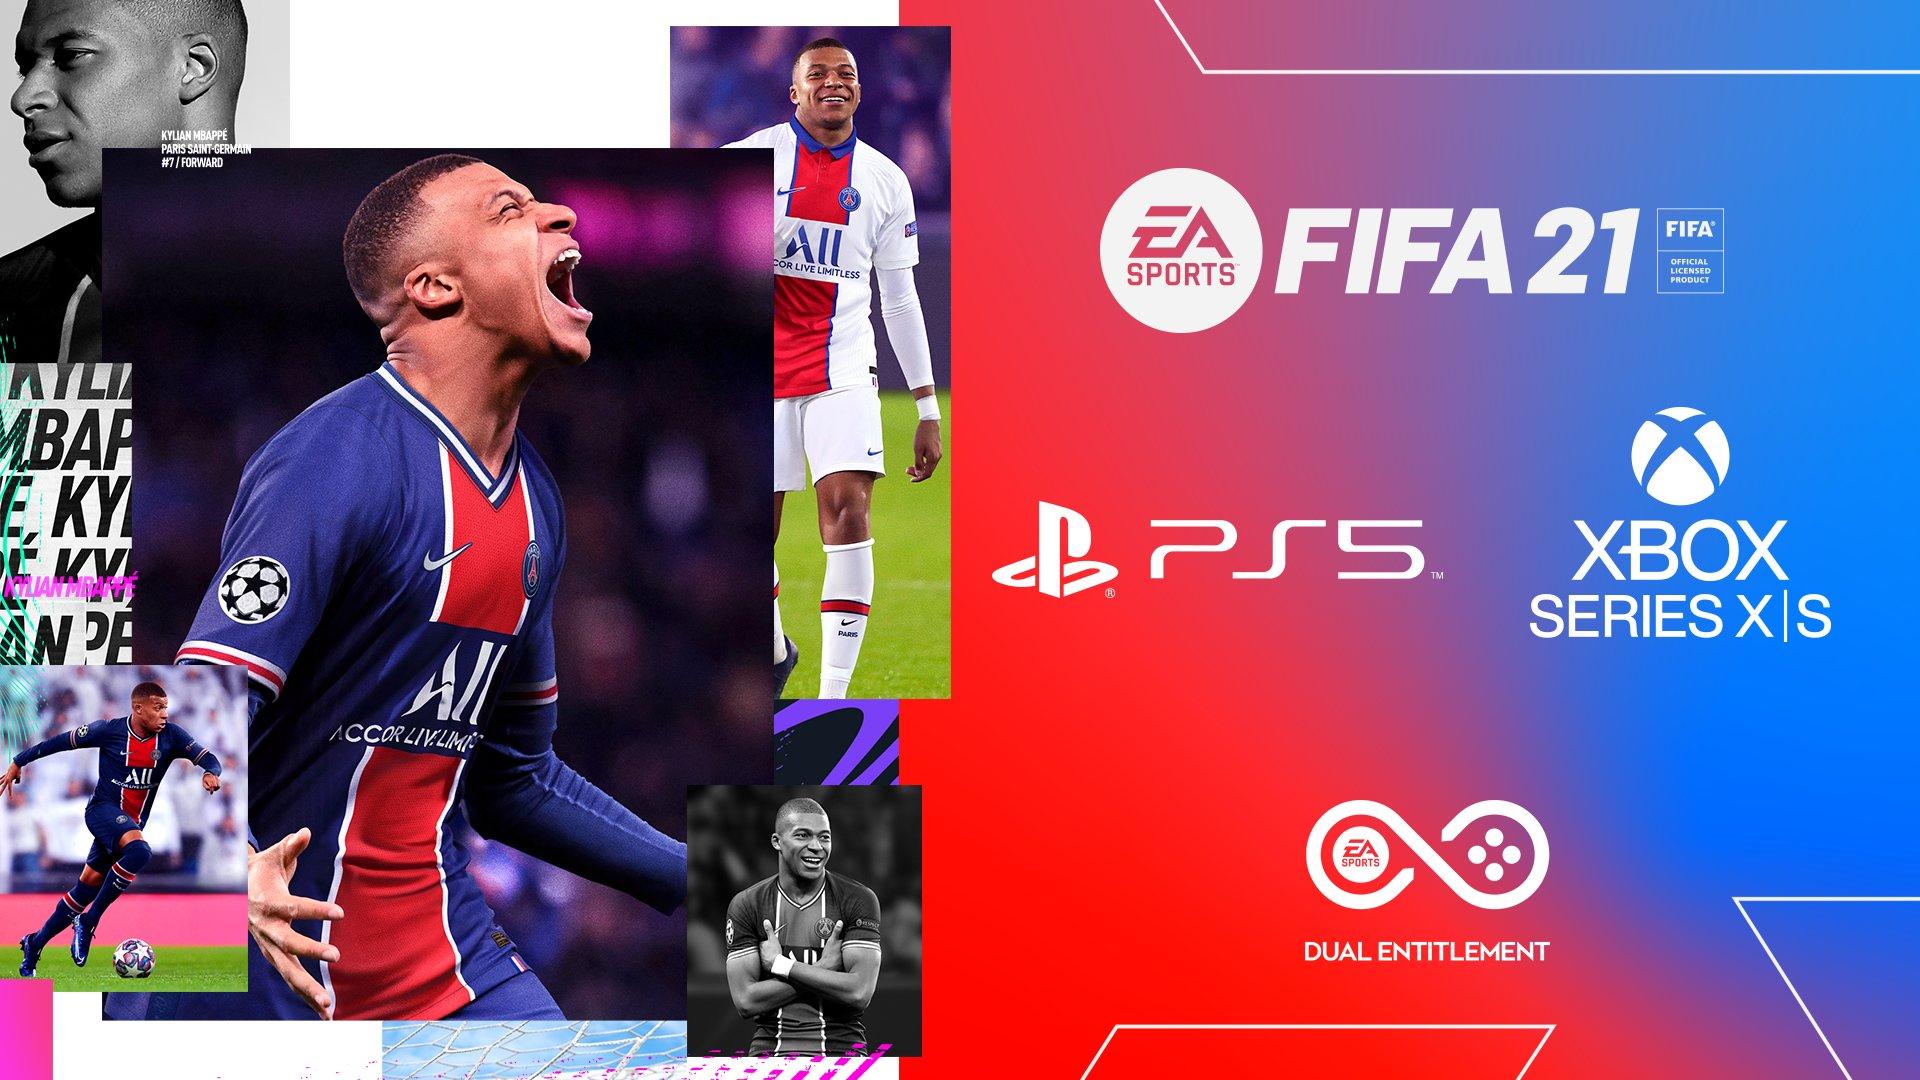 《FIFA 21》次世代版12月4日发售 新特色公开